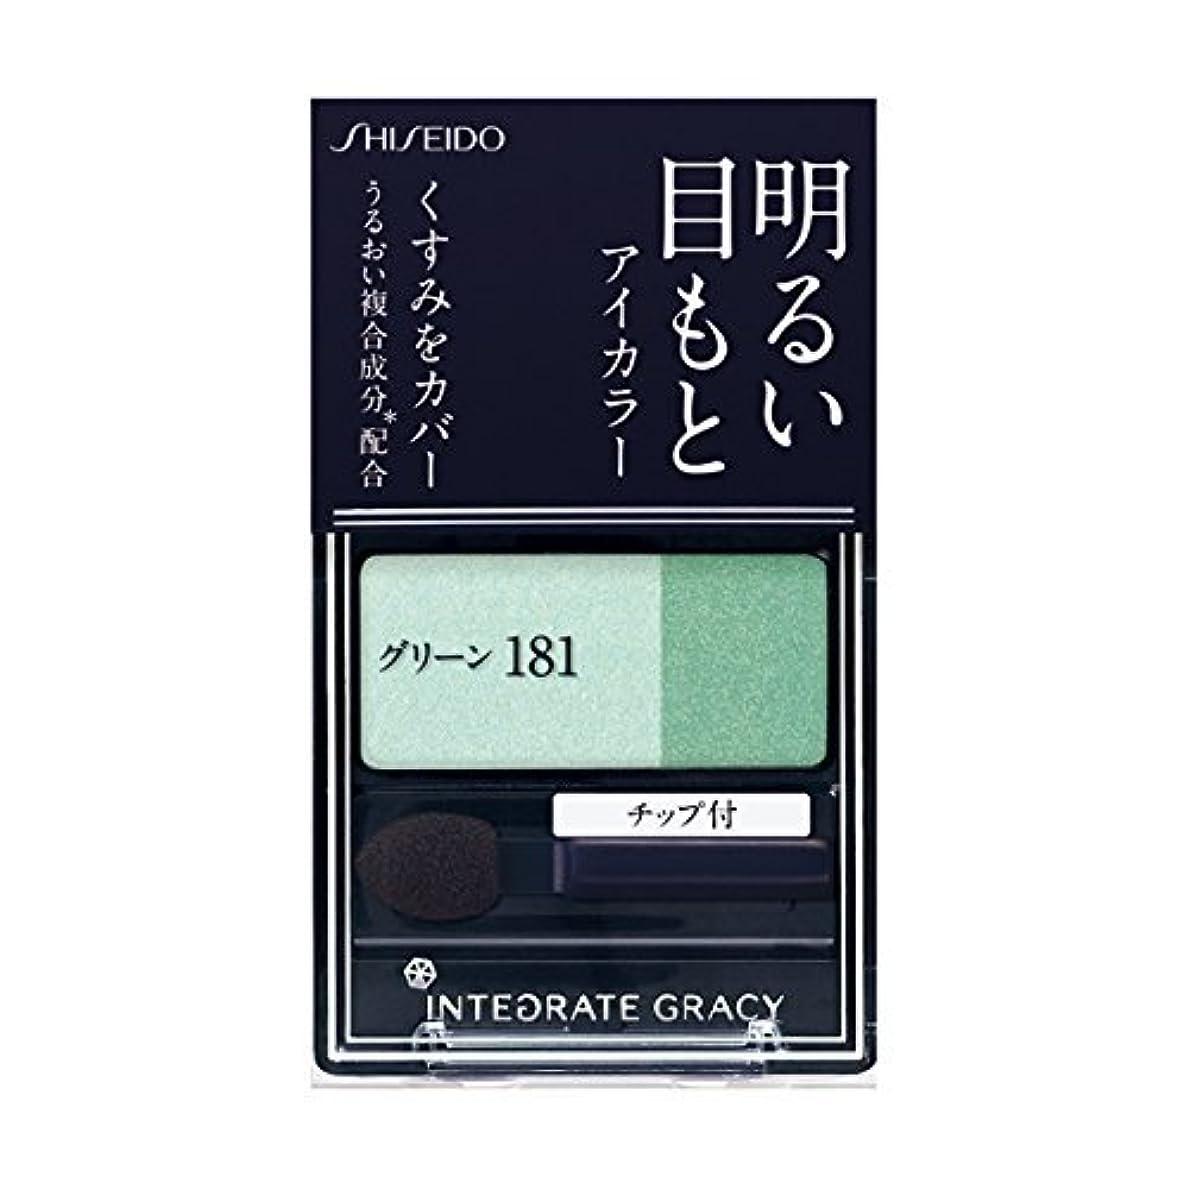 評価するギャップミュージカルインテグレート グレイシィ アイカラー グリーン181 2g×3個